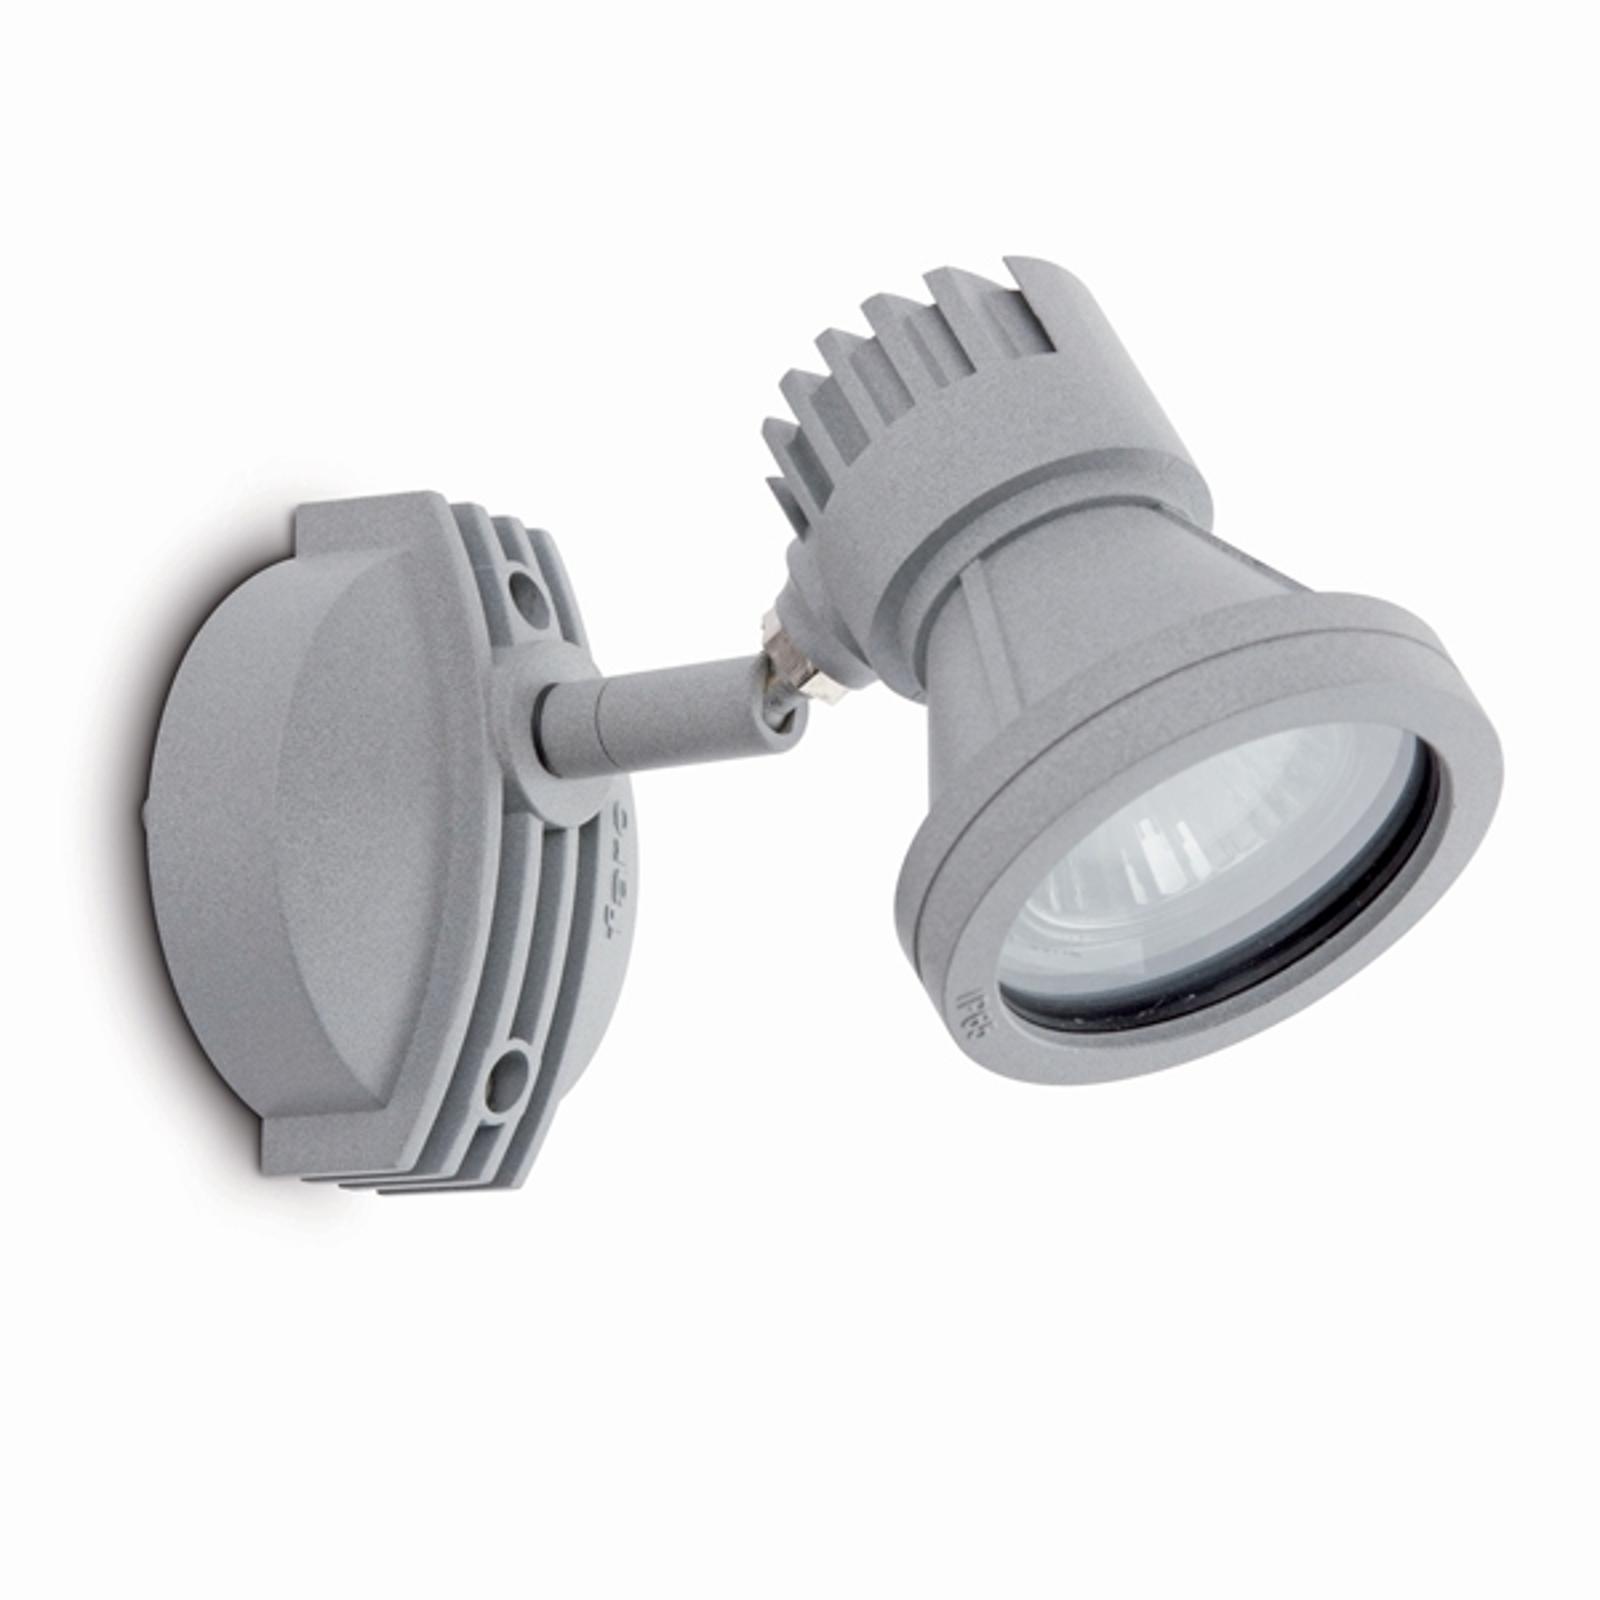 Praktisk Mini-Project udendørs væglampe